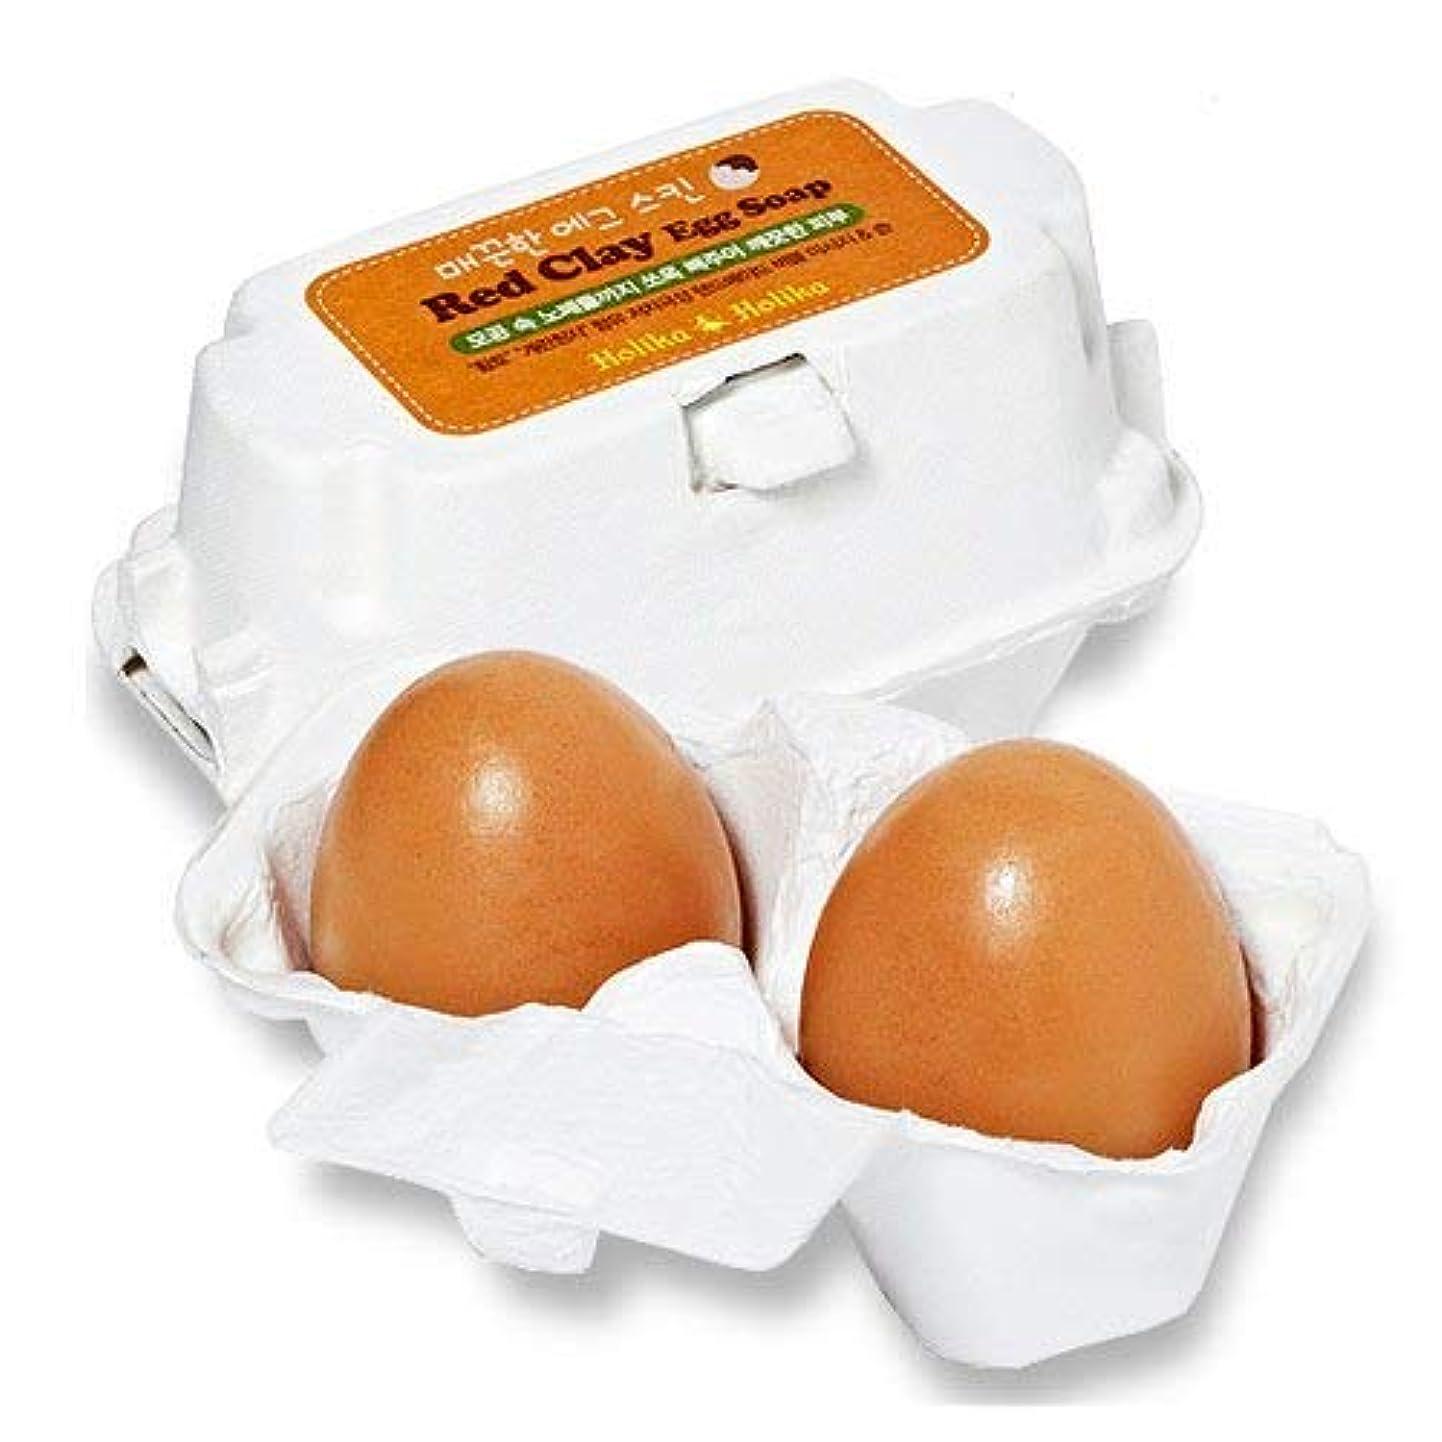 潮削る支配する[黄土/Red Clay] Holika Holika Egg Skin Egg Soap ホリカホリカ エッグスキン エッグソープ (50g*2個) [並行輸入品]